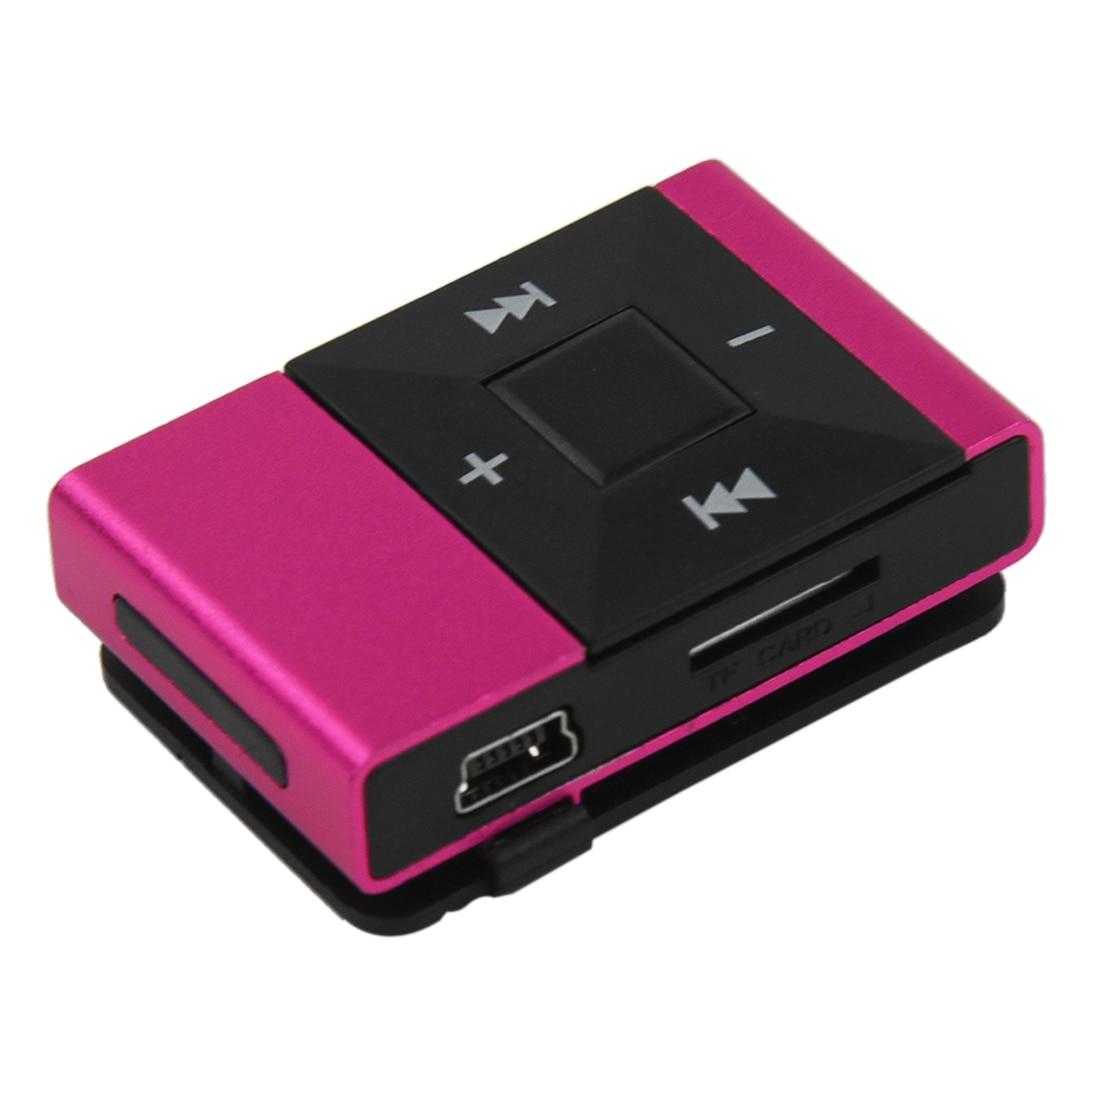 Hifi-geräte Trendmarkierung Mini Tragbare Usb 2.0 Clip Digital Mp3 Musik Player Wiederaufladbare Unterstützung 8 Gb Sd Tf Karte Heißer Eine GroßE Auswahl An Modellen